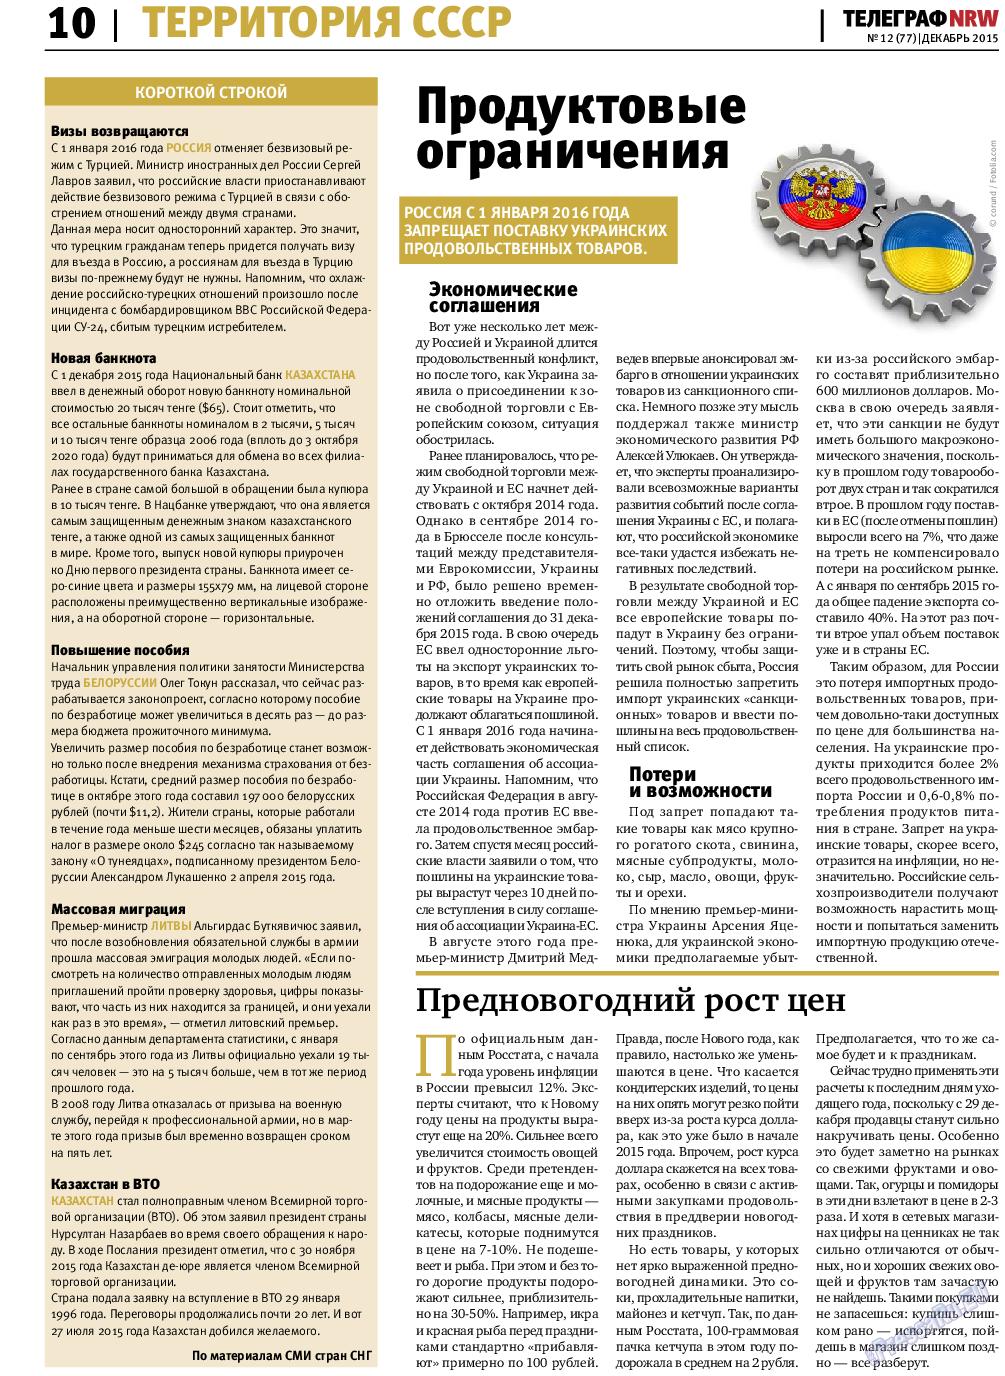 Телеграф NRW (газета). 2015 год, номер 12, стр. 10